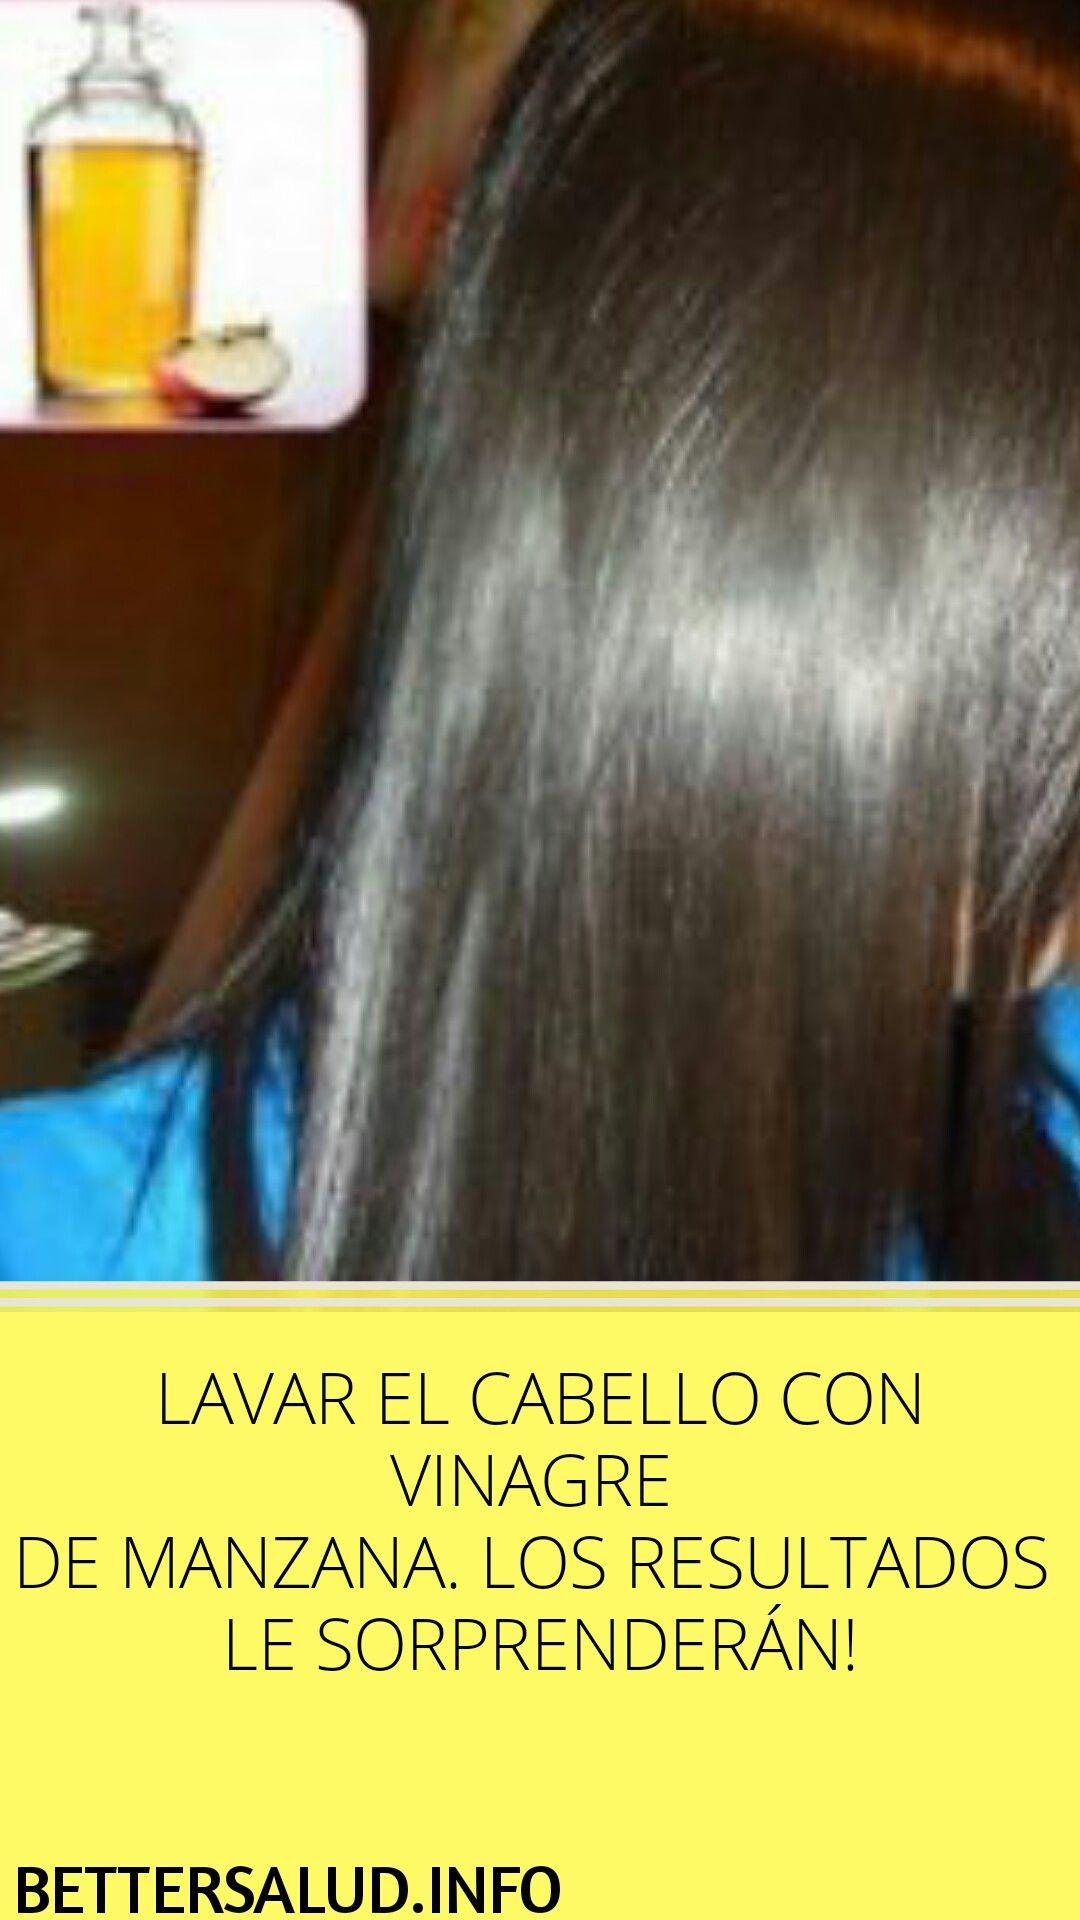 Lavar El Cabello Con Vinagre De Manzana Los Resultados Le Sorprenderán Lavar Cabello Manzana Resultados Hair